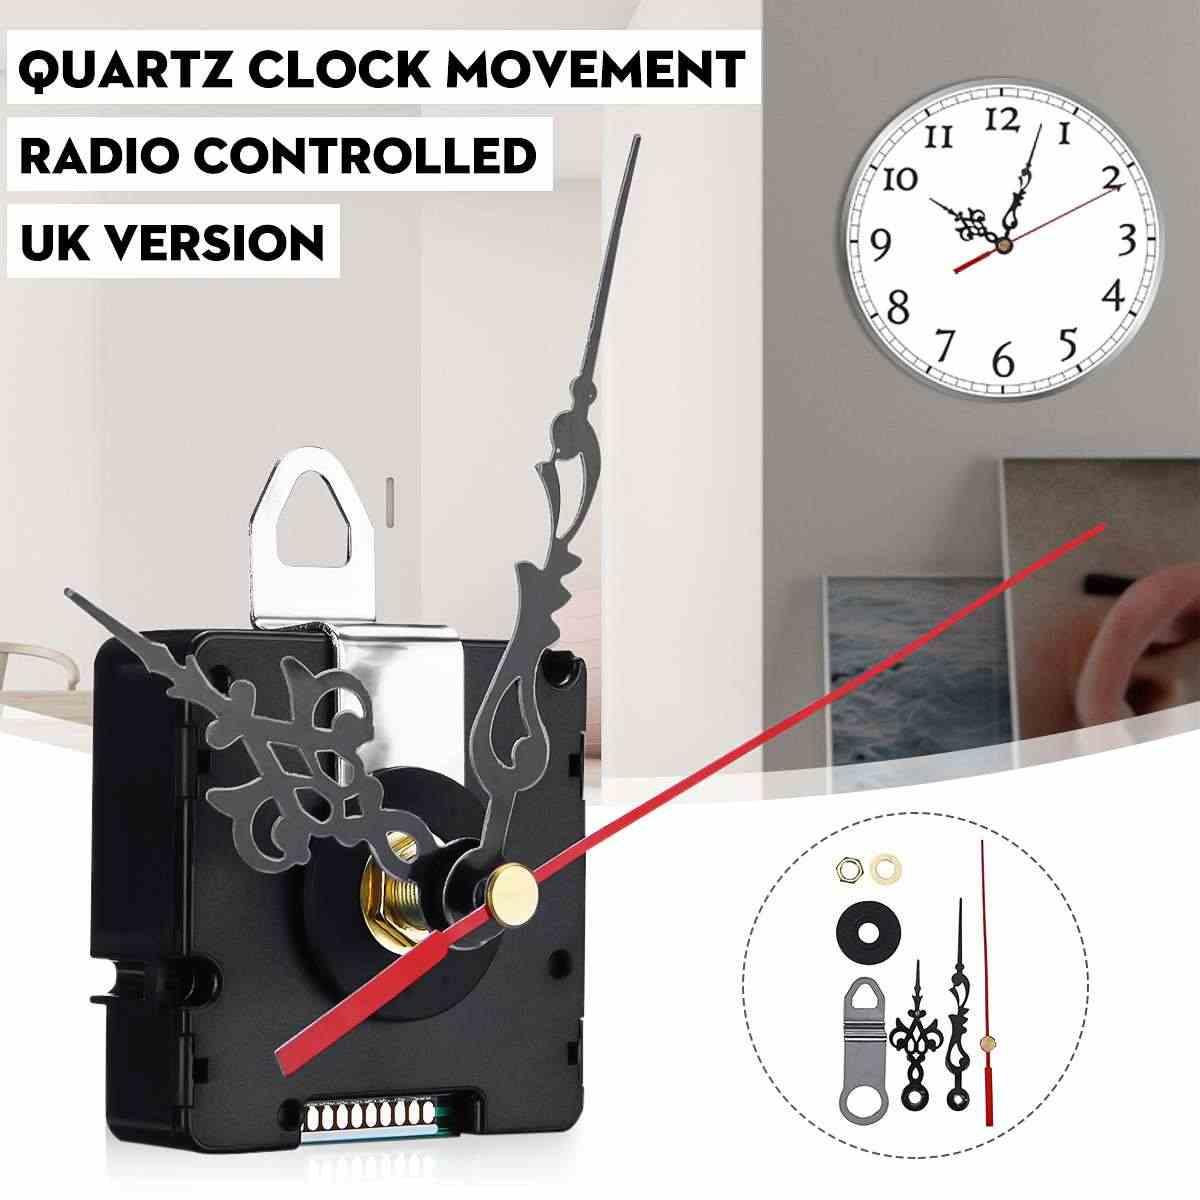 原子電波クォーツサイレント時計ムーブメント機構 Diy キット英国 MSF 信号手アクセサリー